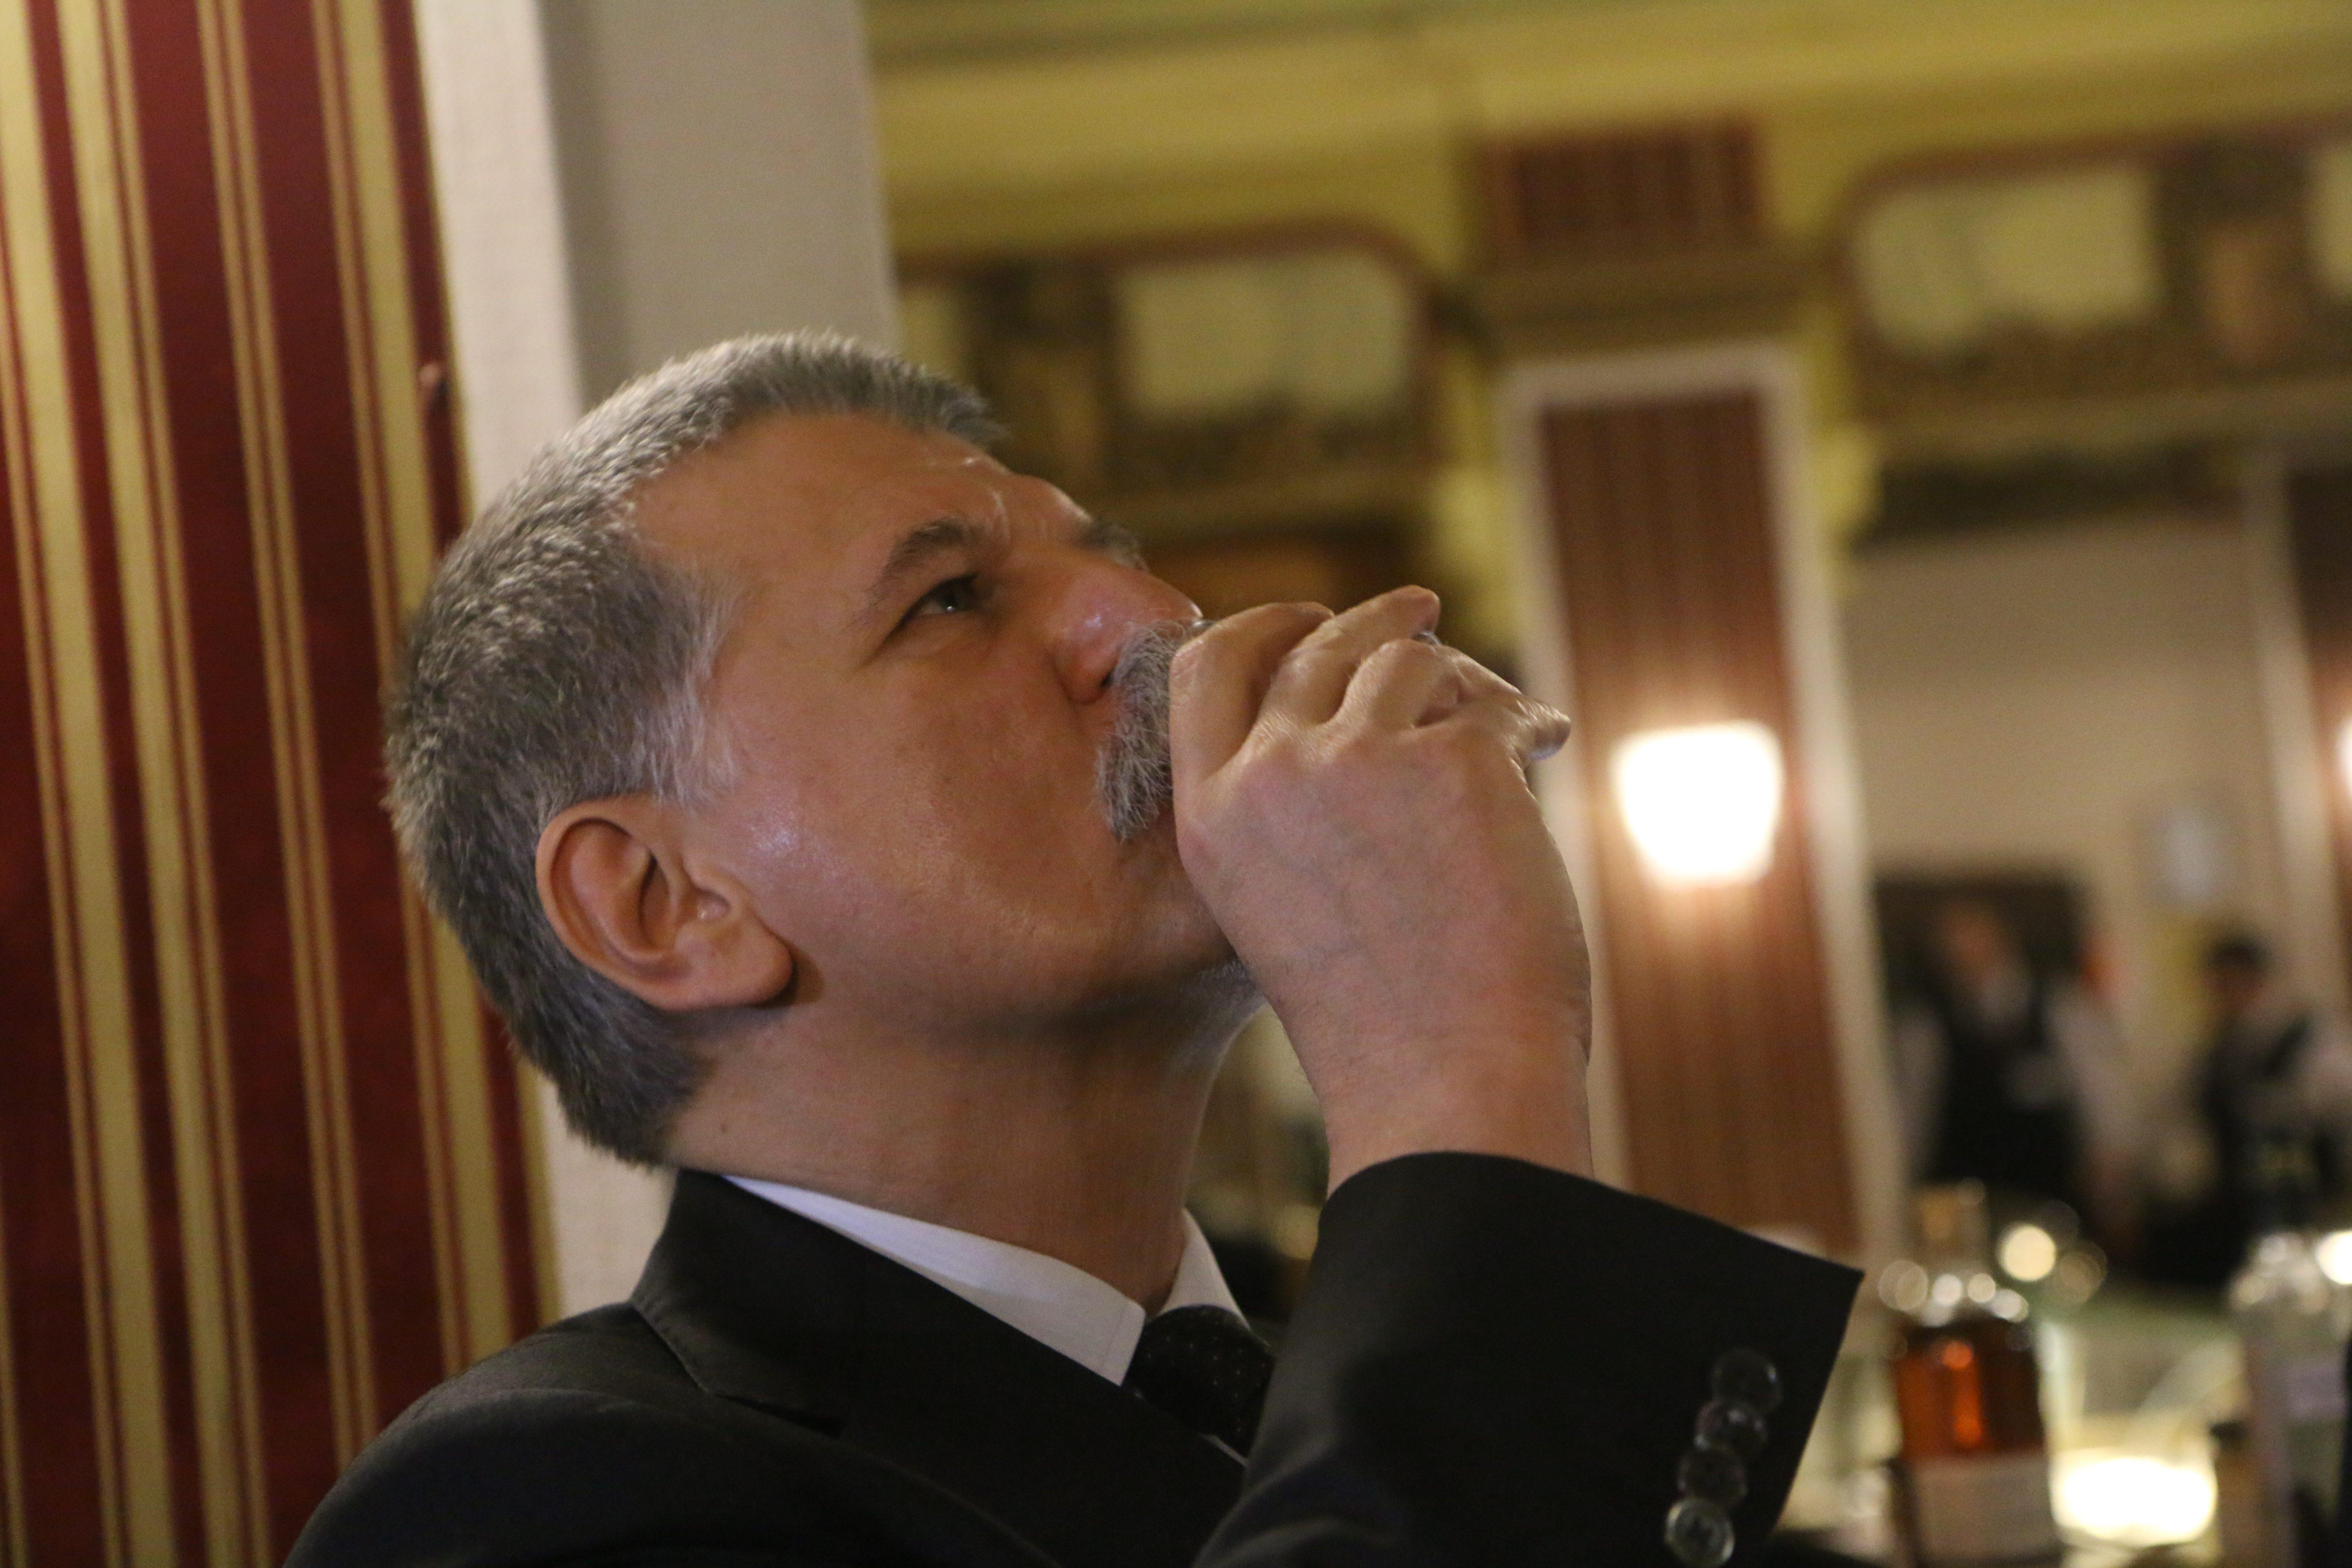 Mostantól nem veszi figyelembe az alkohol és a dohány árváltozását a maginfláció számításánál a KSH